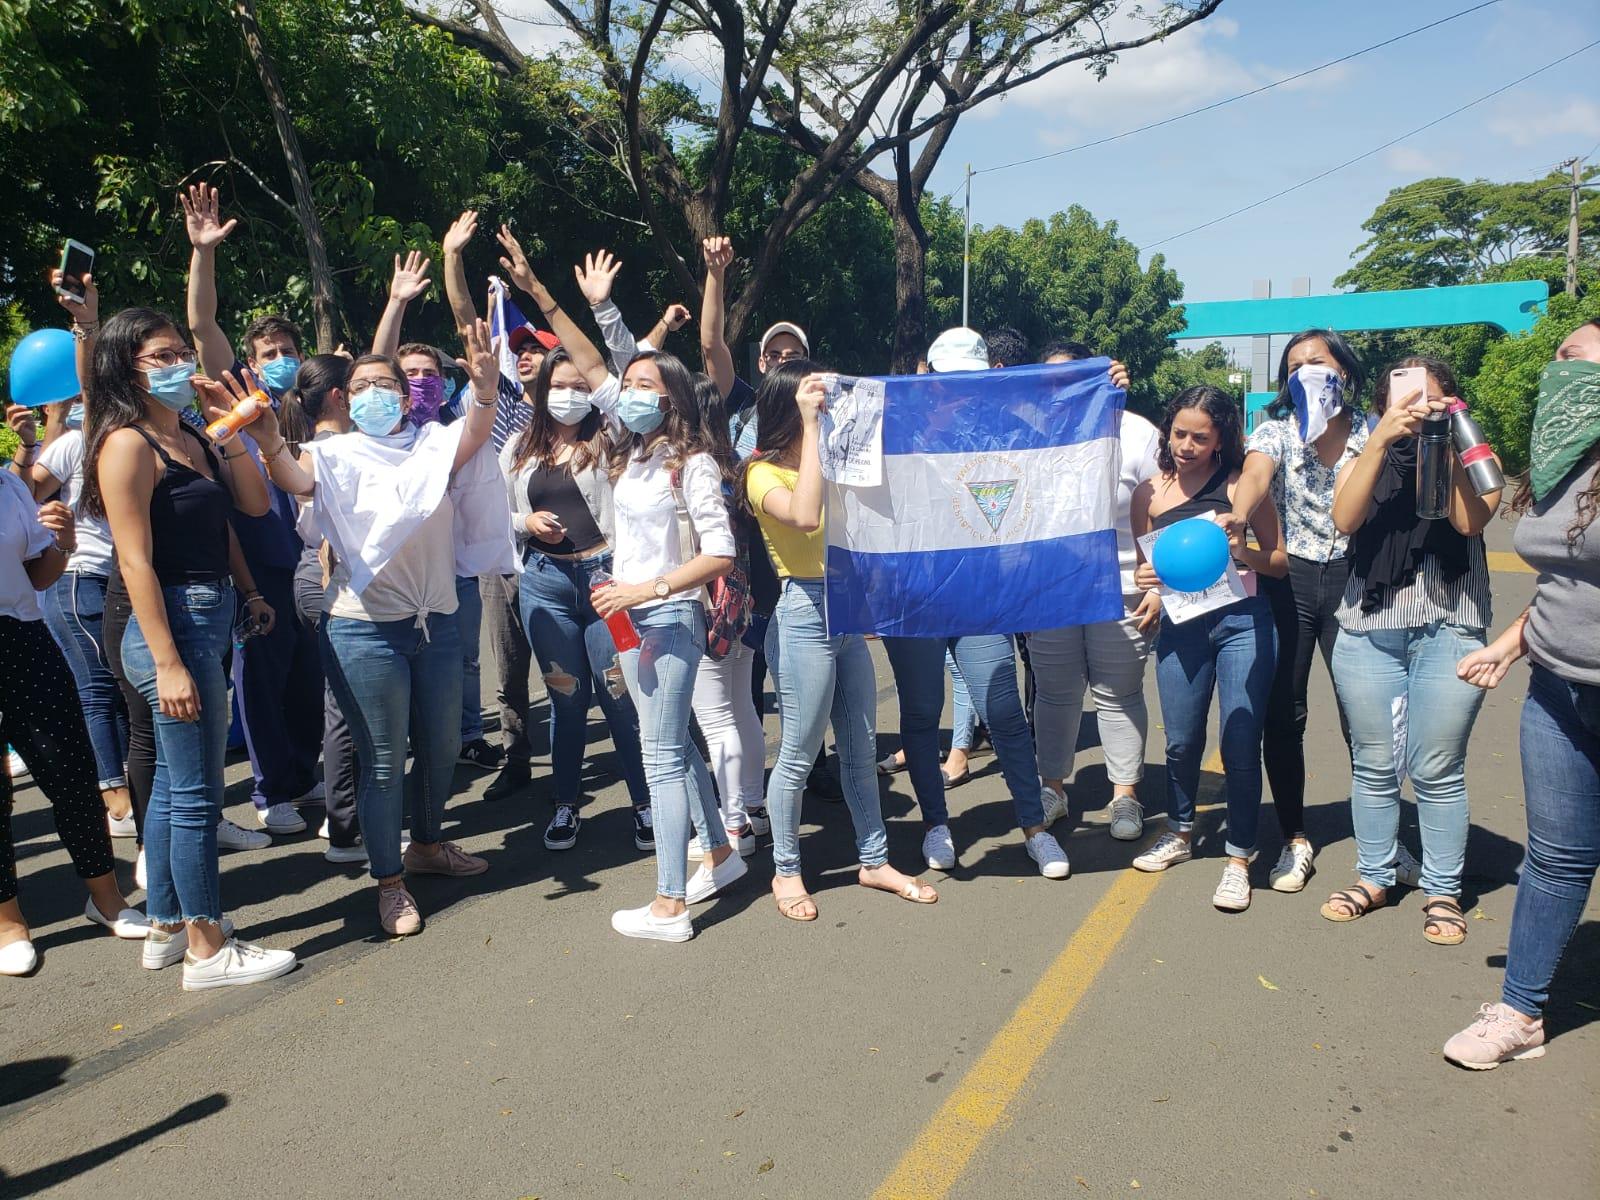 Estudiantes de la UAM demandan la libertad de todos los presos políticos y la salida de Daniel Ortega. Foto: G. Shiffman / Artículo 66